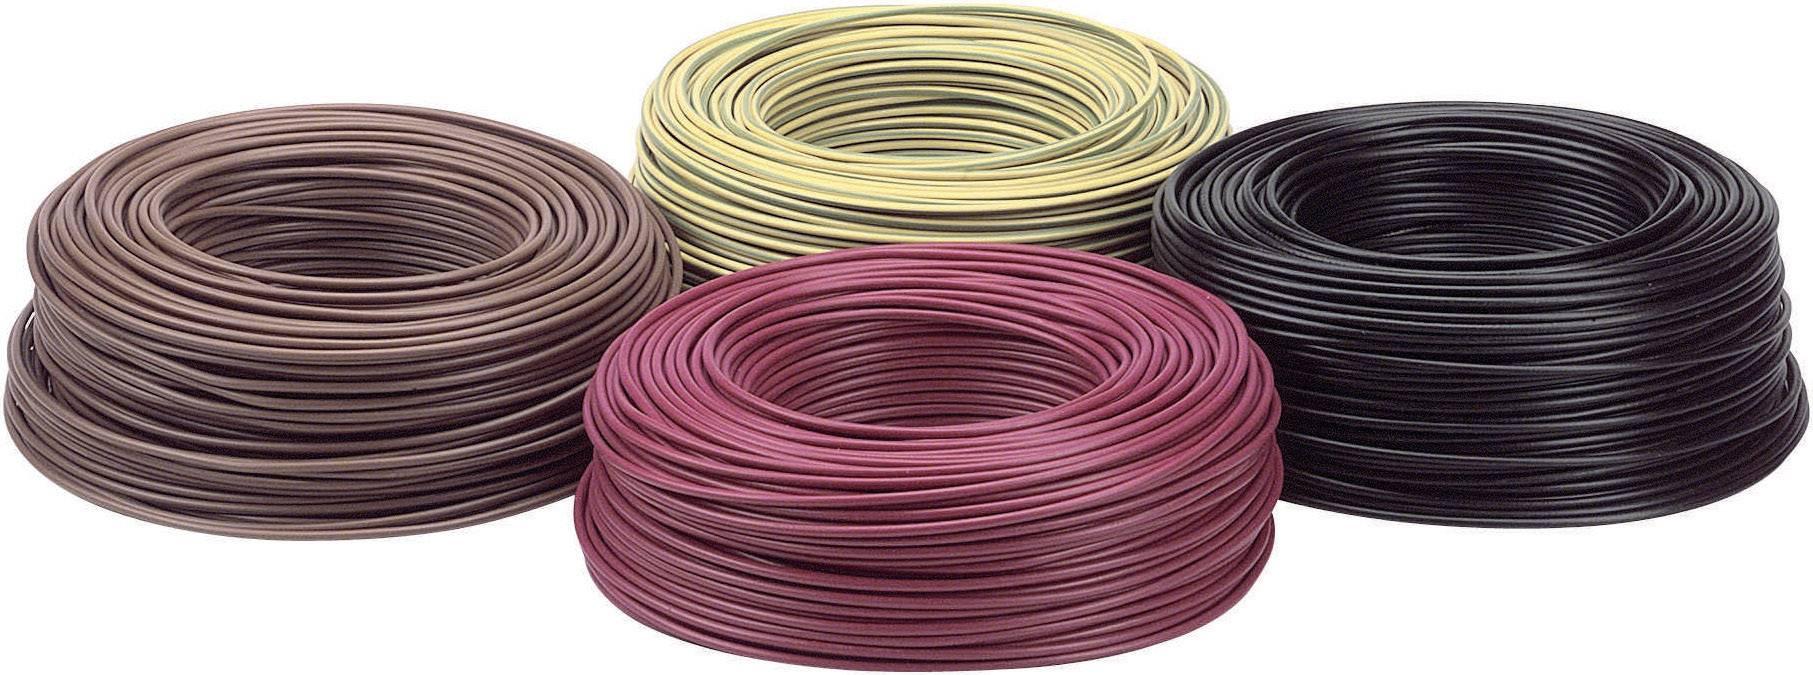 Opletenie / lanko LappKabel 4520141 H07V-K, 1 x 1.50 mm², vonkajší Ø 3 mm, 100 m, tmavomodrá